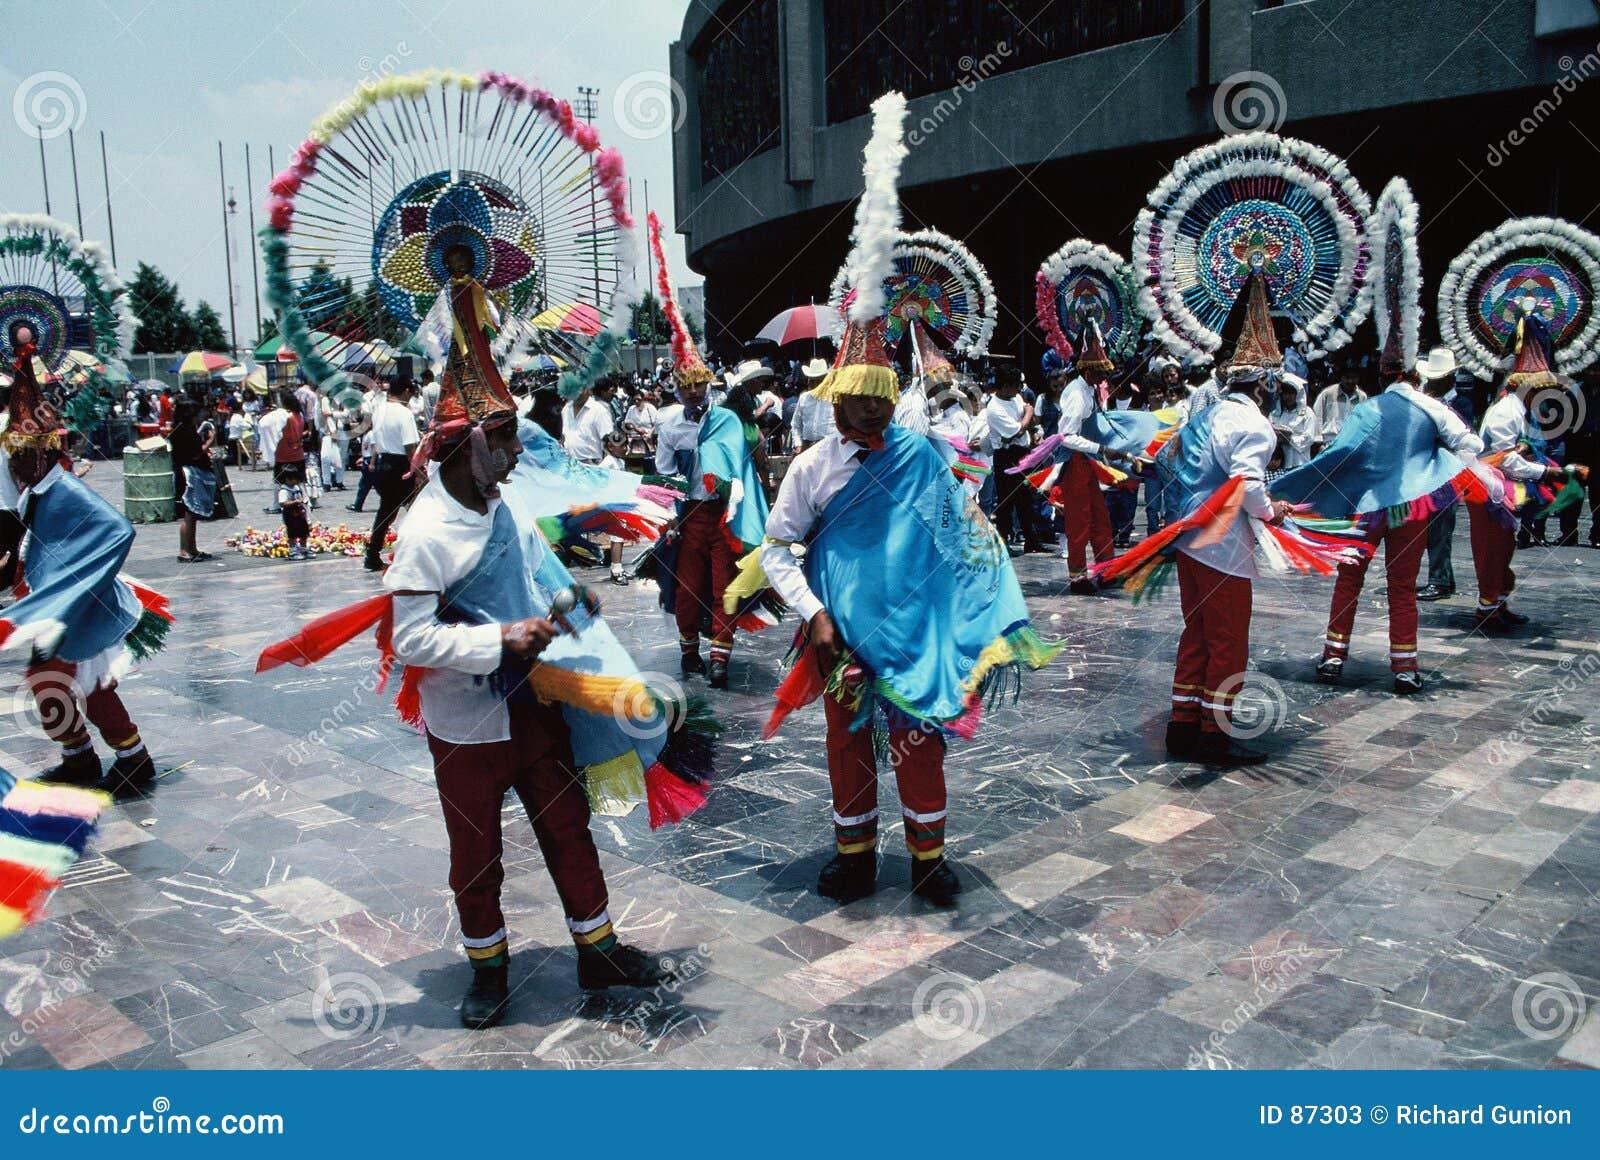 阿兹台克城市舞蹈演员墨西哥